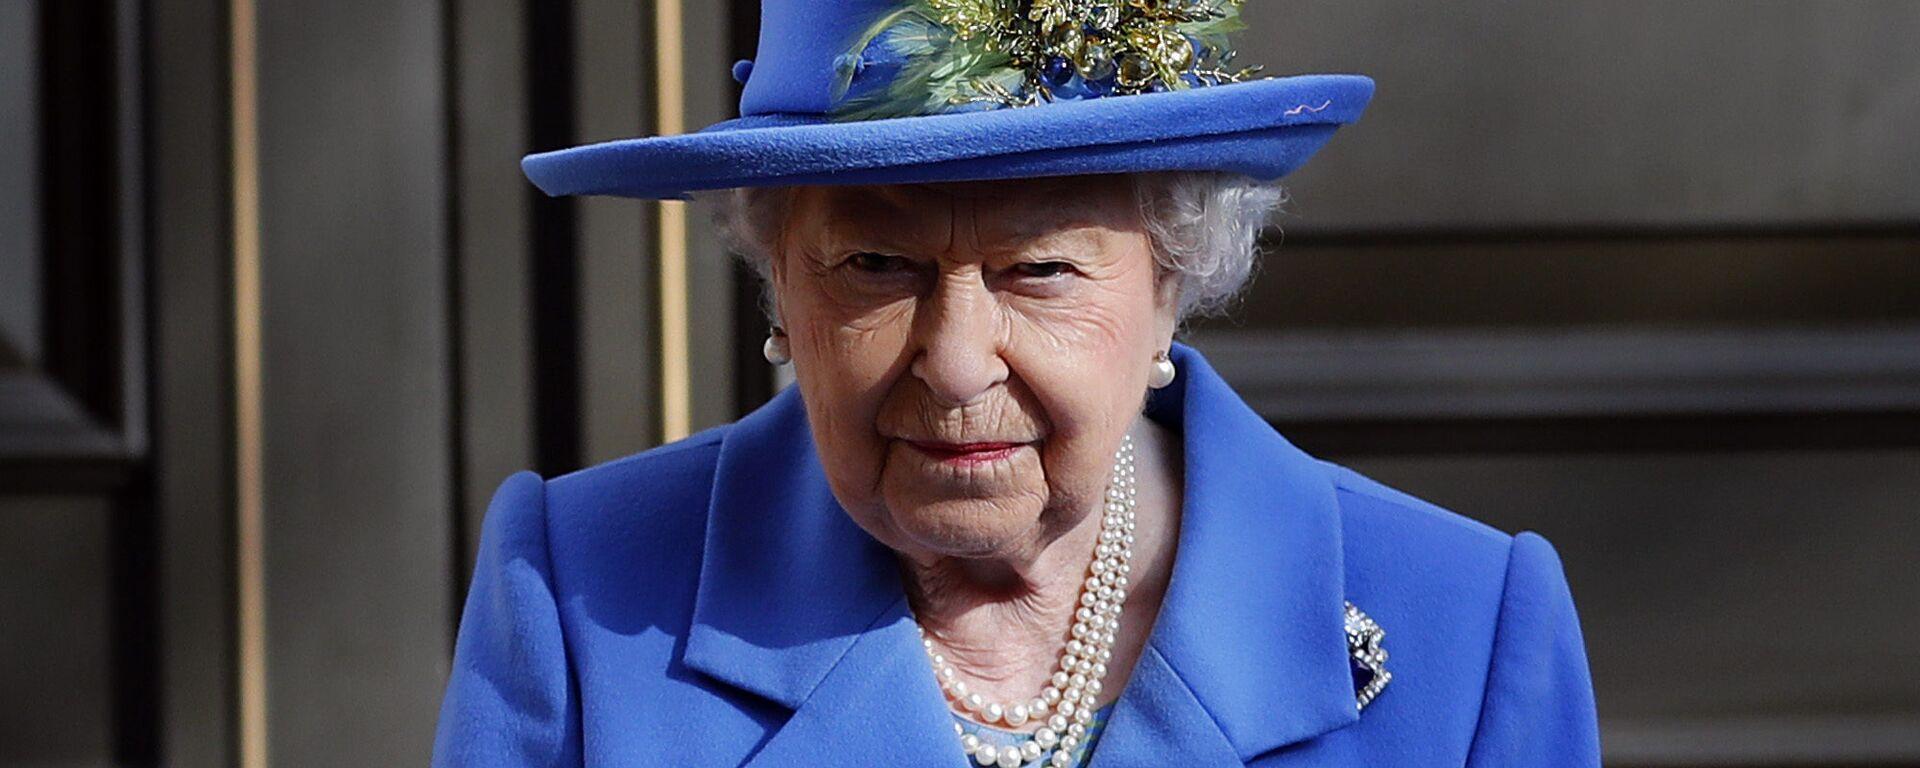 La reina británica, Isabel II - Sputnik Mundo, 1920, 05.11.2019